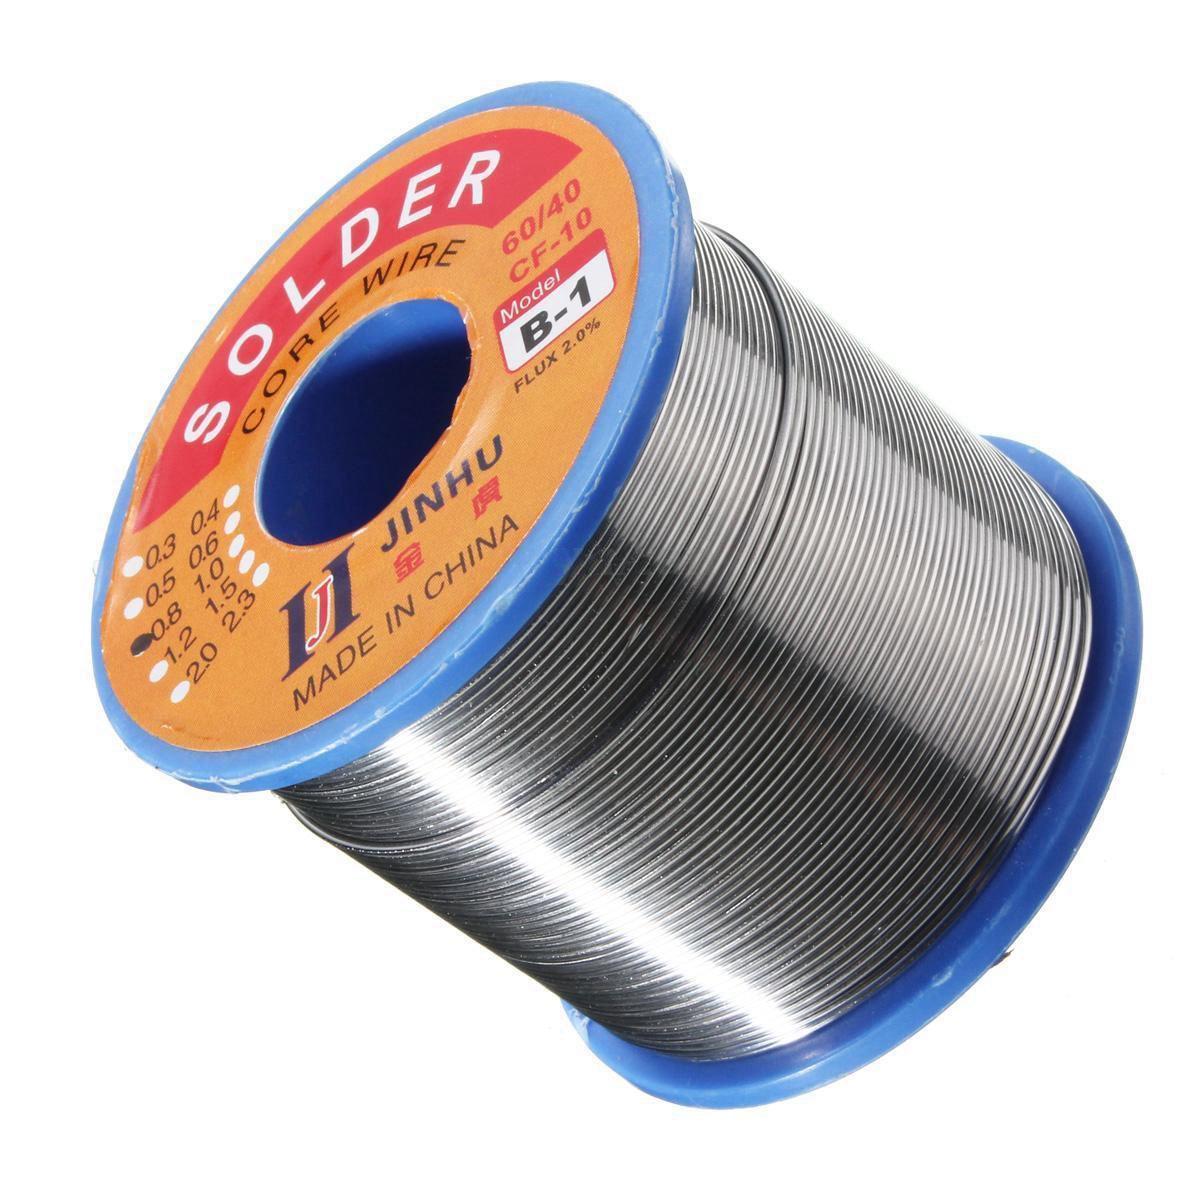 60/40 zinn blei Solder Draht Kolophonium Core Löten 2% Flux, 0,7mm 1 Reel